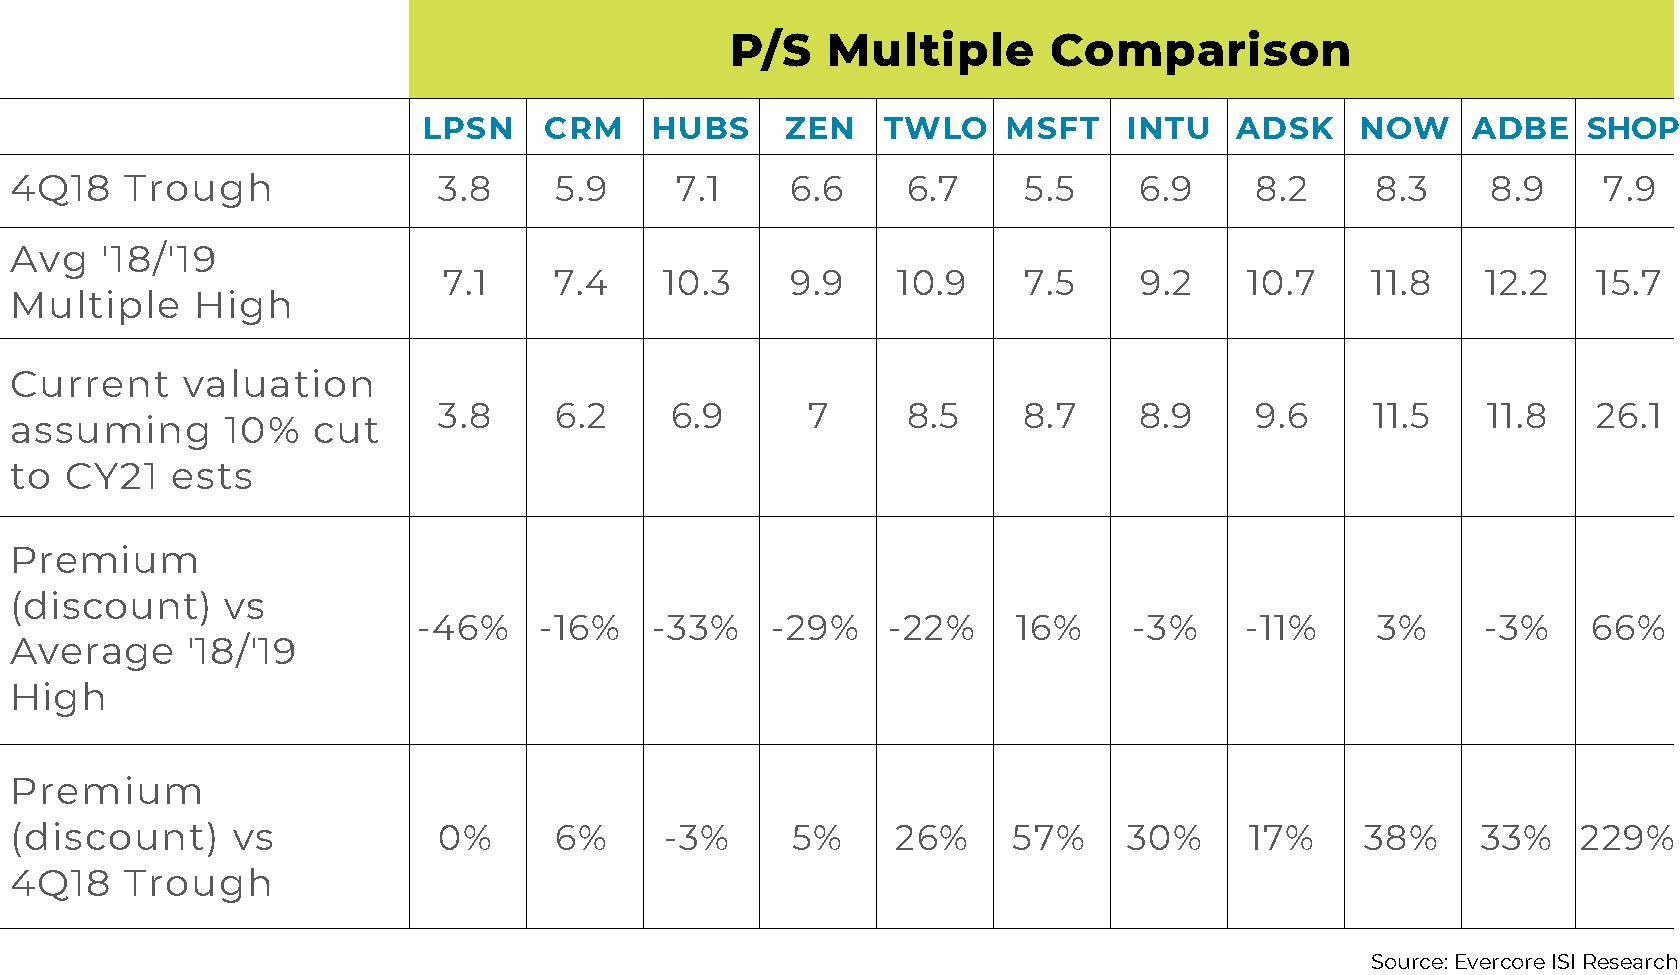 P/S multiple comparison